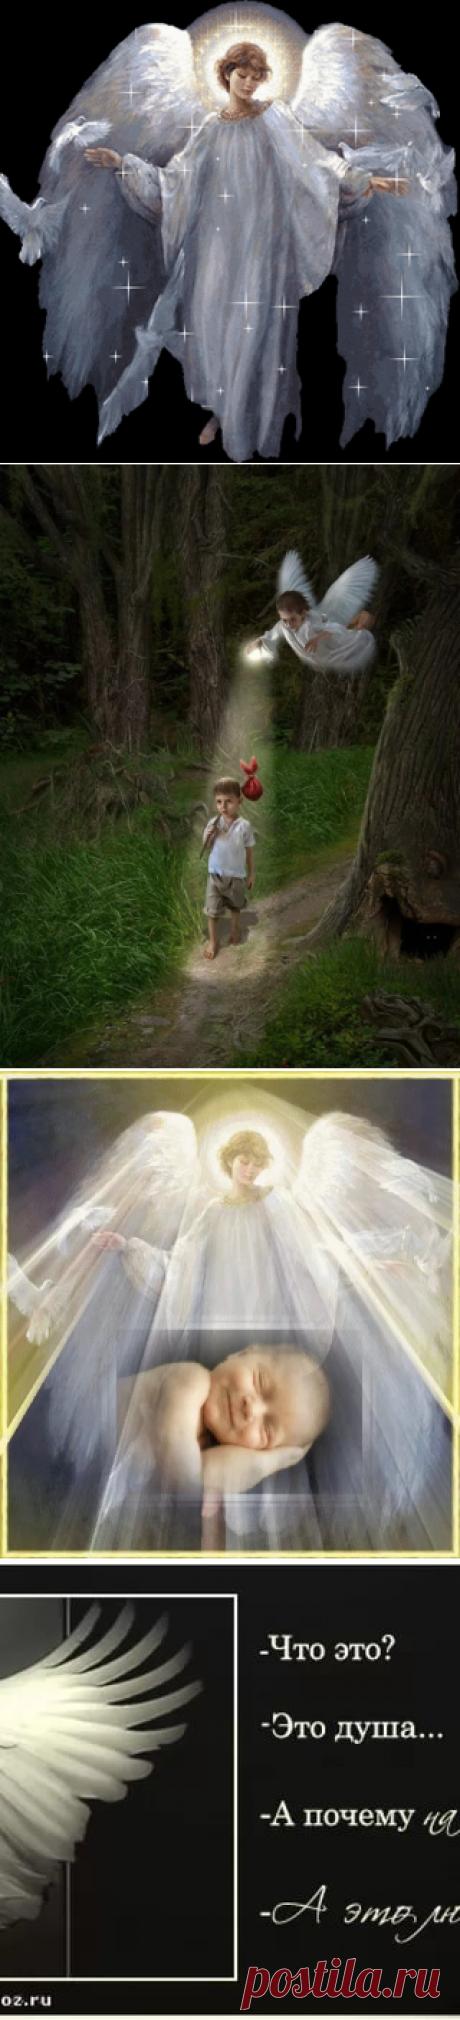 картинка я верю в ангелов: 11 тыс изображений найдено в Яндекс.Картинках